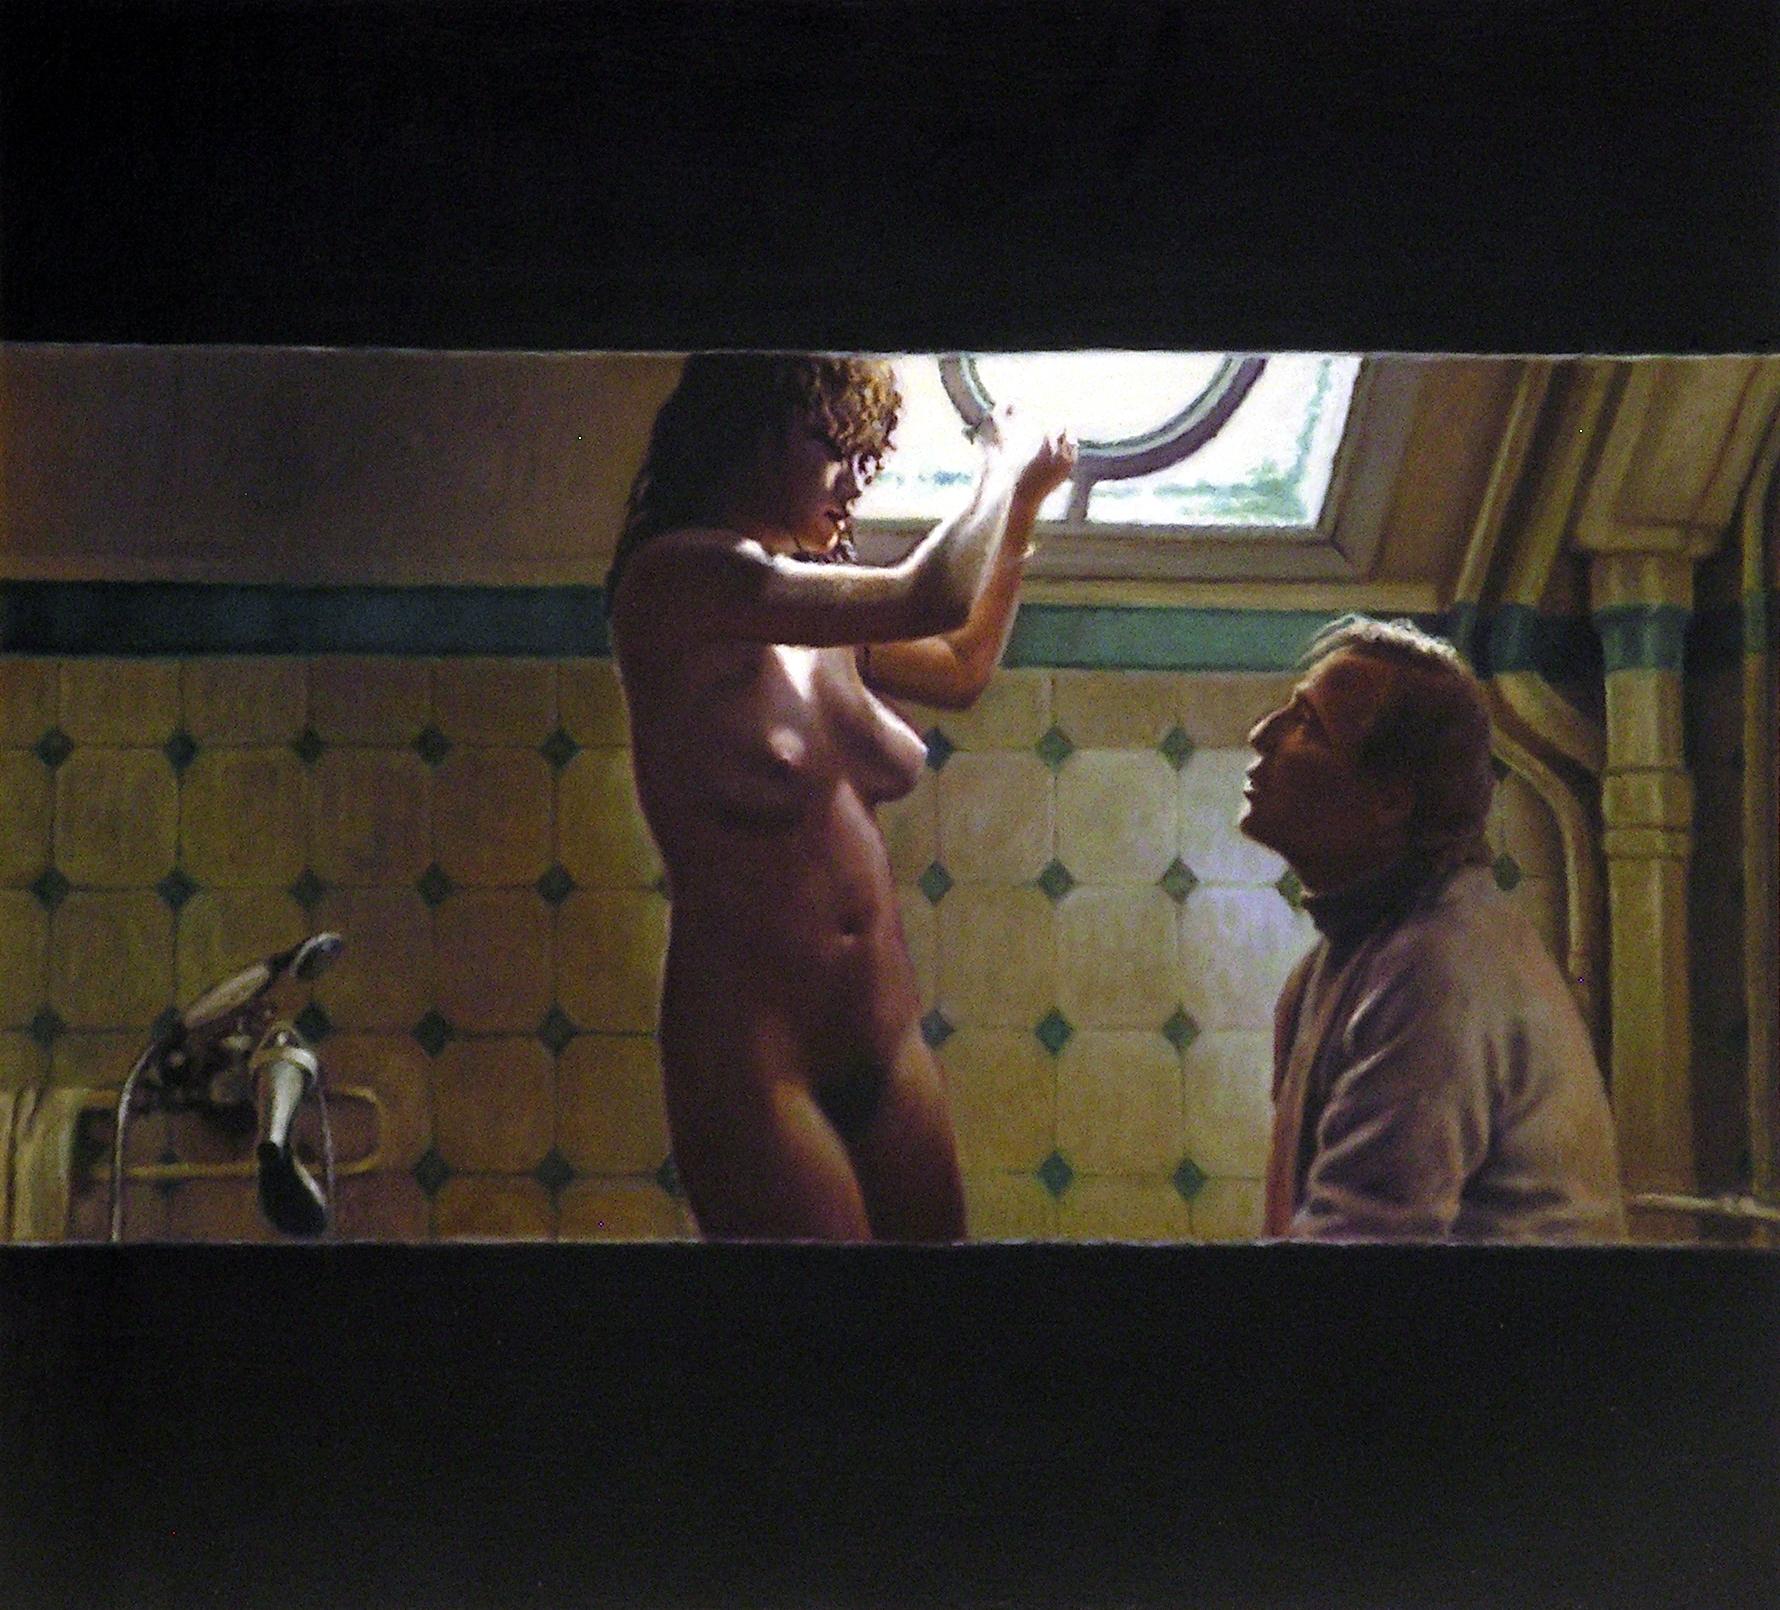 strastnoe-tango-v-parizhe-porno